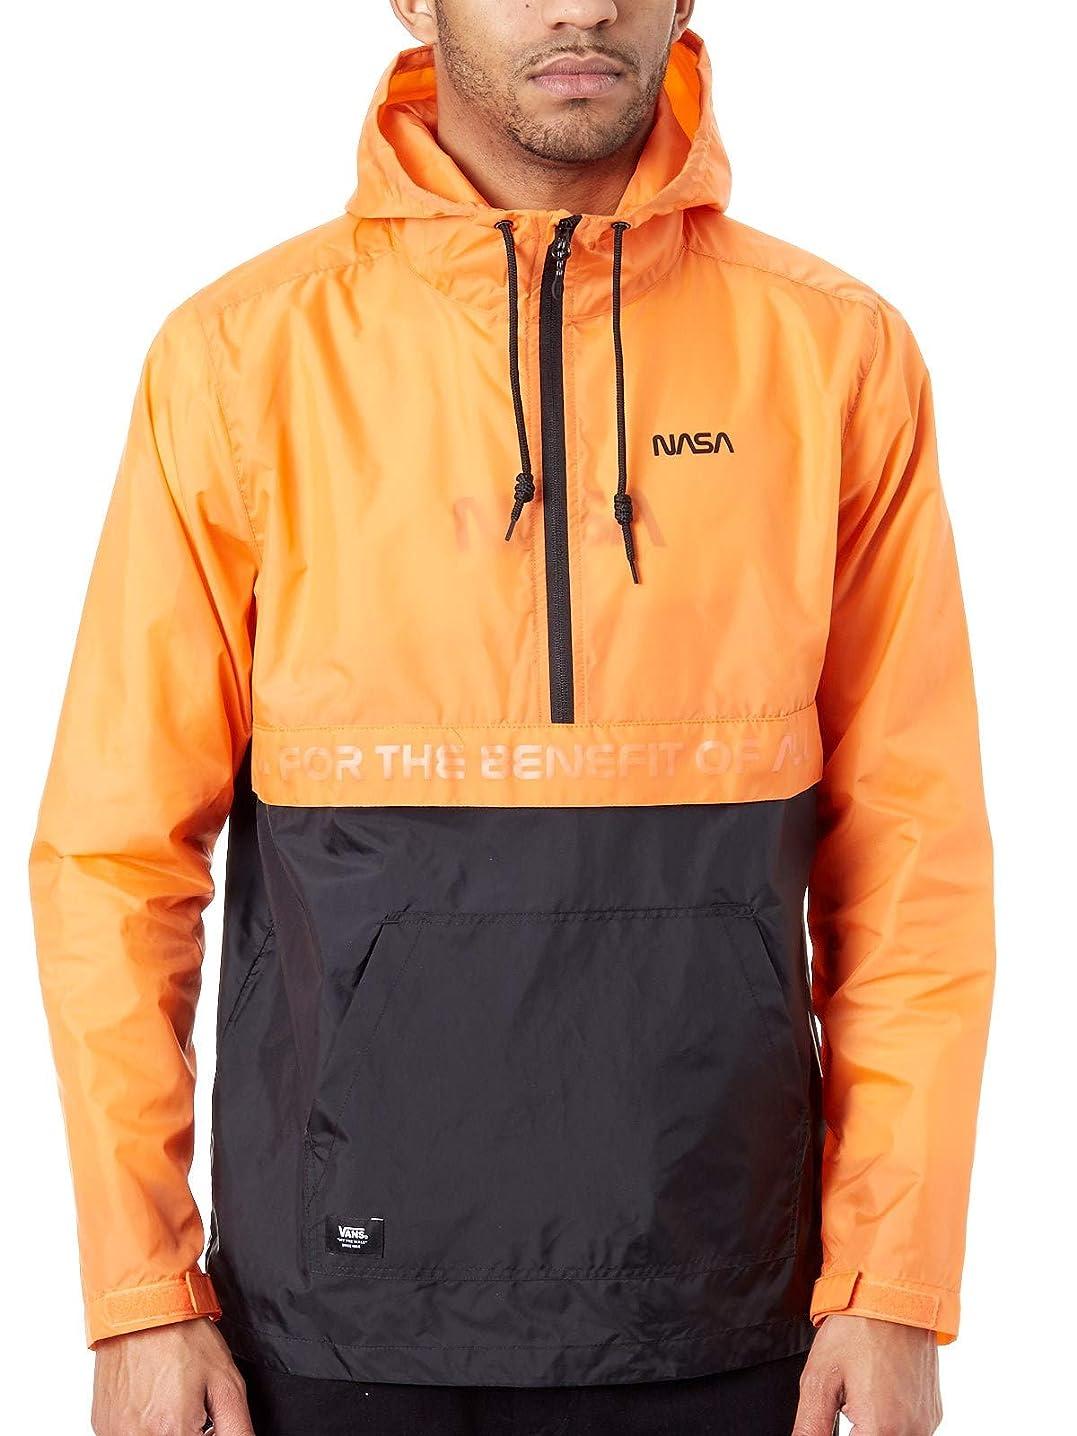 Vans x Space Voyager NASA Windbreaker Anorak Hoodie Orange Black